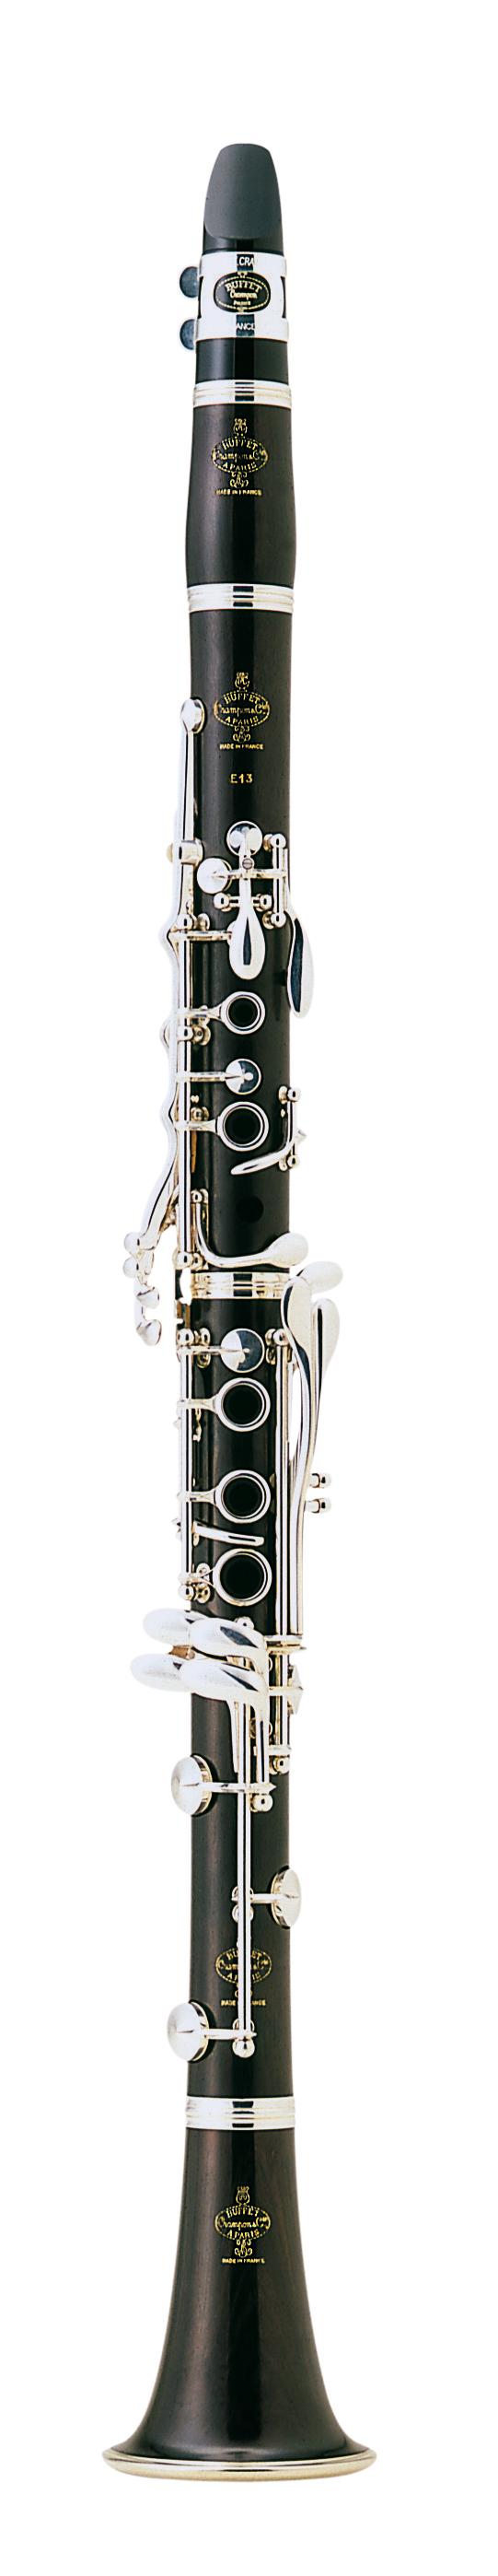 Buffet - BC - 1102C - 2 - 0 - E-13 - Holzblasinstrumente - Klarinetten | MUSIK BERTRAM Deutschland Freiburg